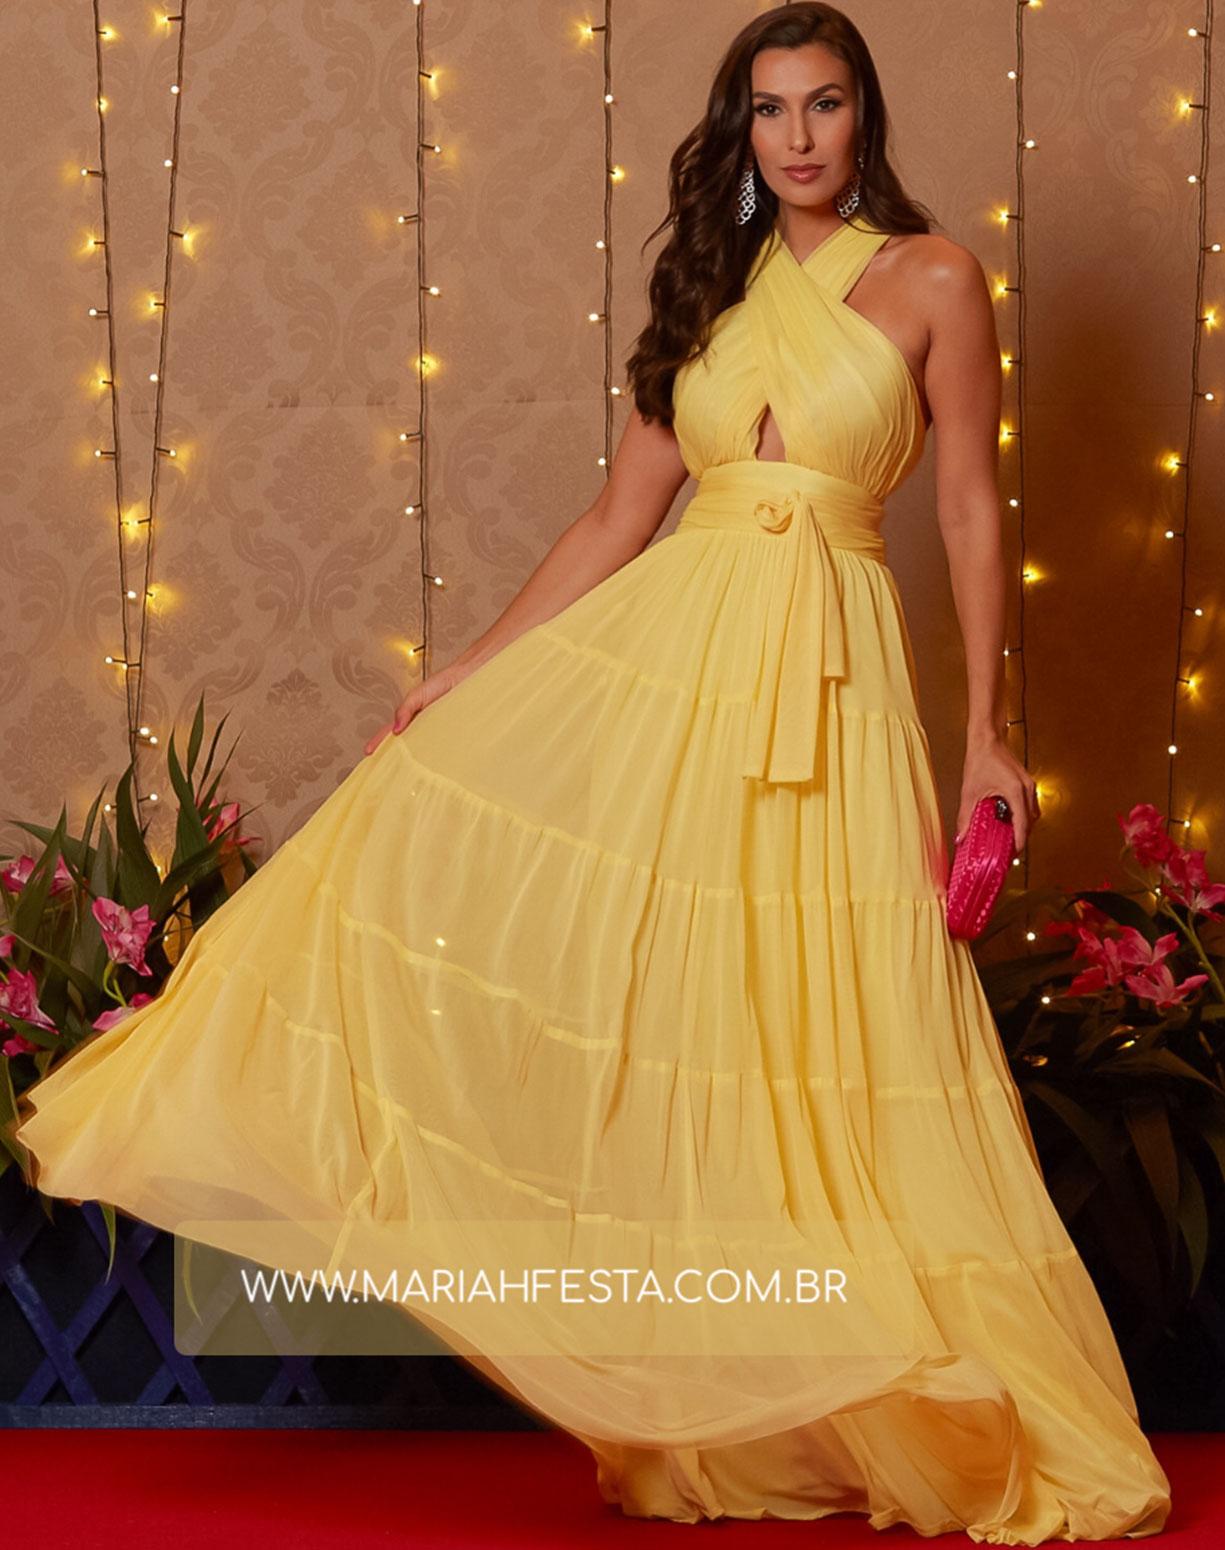 Vestido Amarelo em Tule com Alças Transpassadas